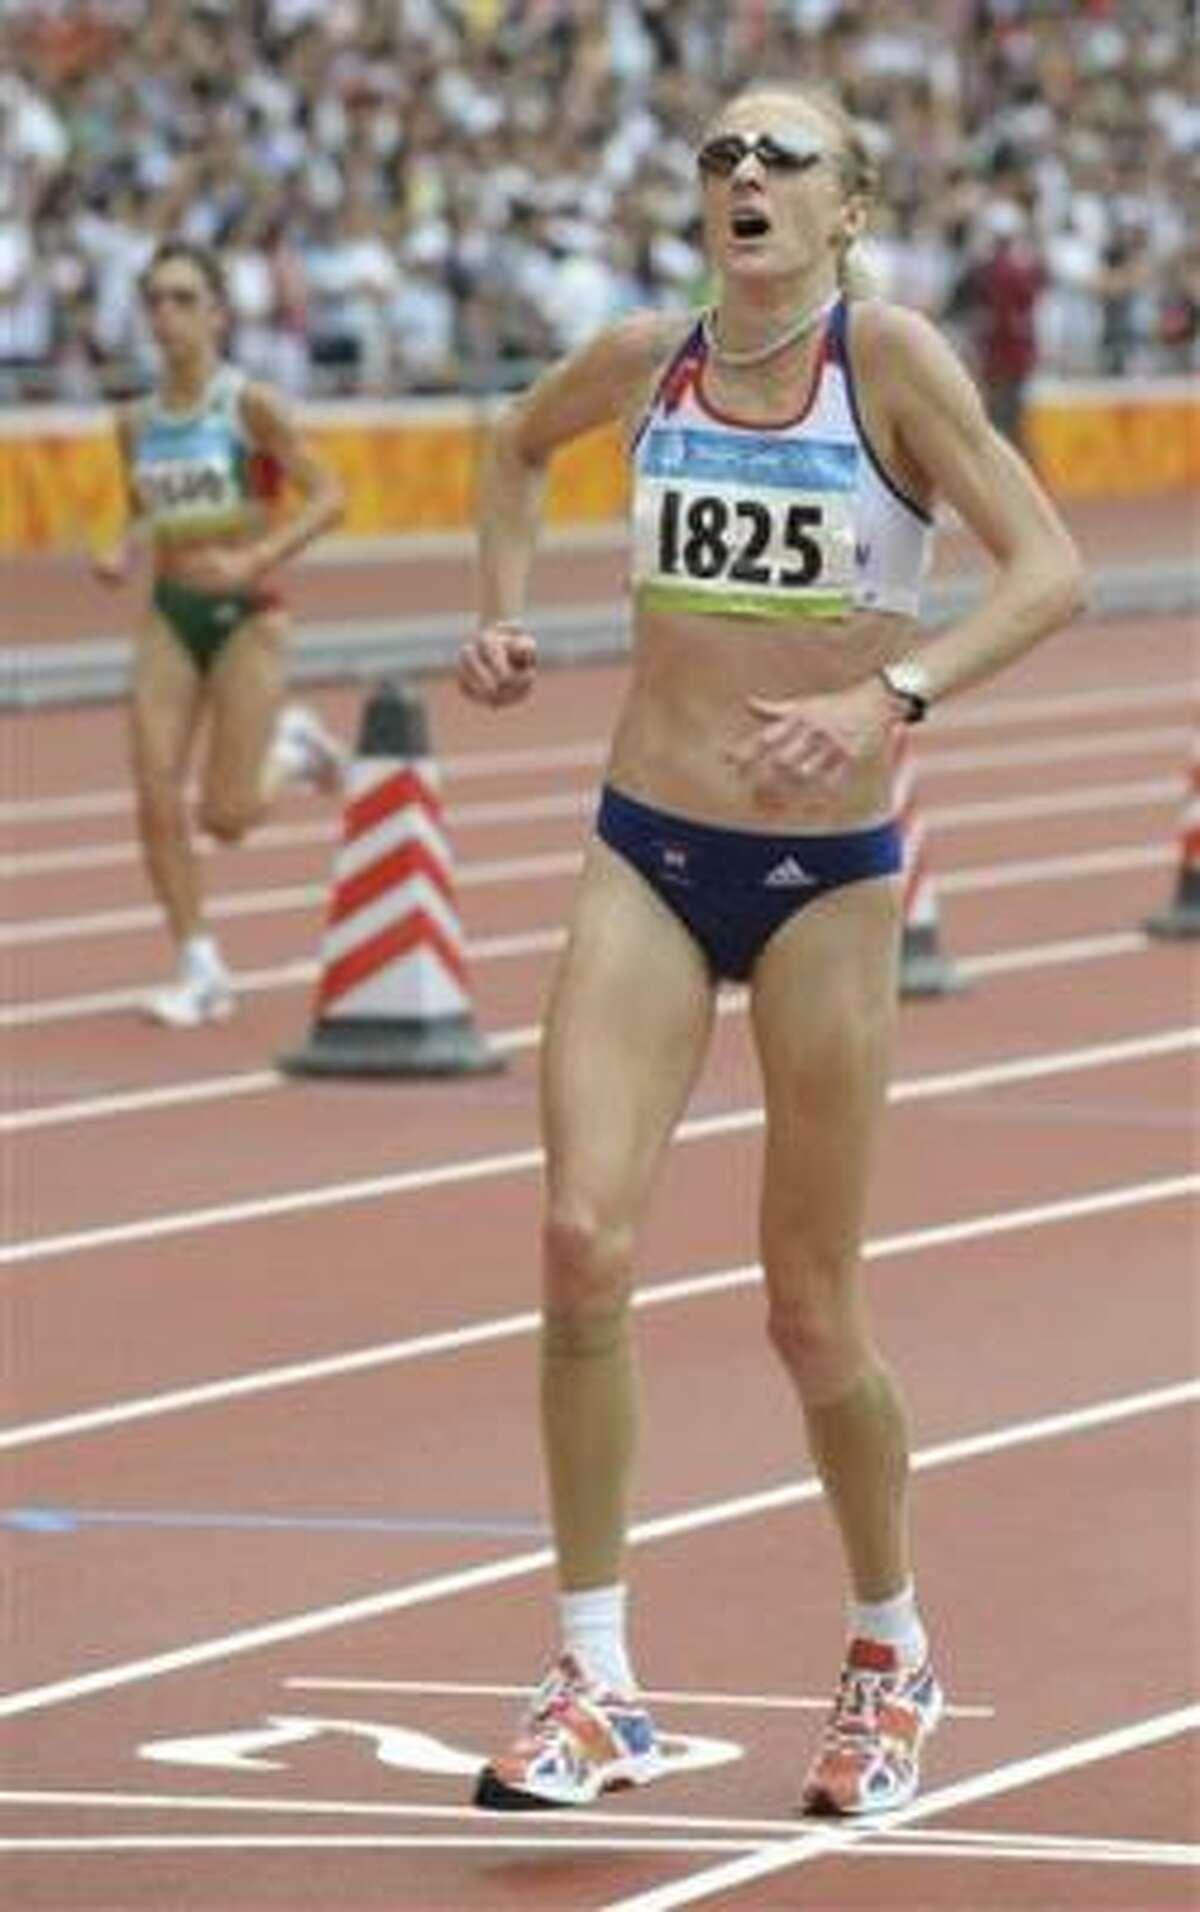 Foto de archivo del 17 de agosto de 2008 de la maratonista británica Paula Radcliffe en el maratón de los Juegos Olímpicos de Beijing.